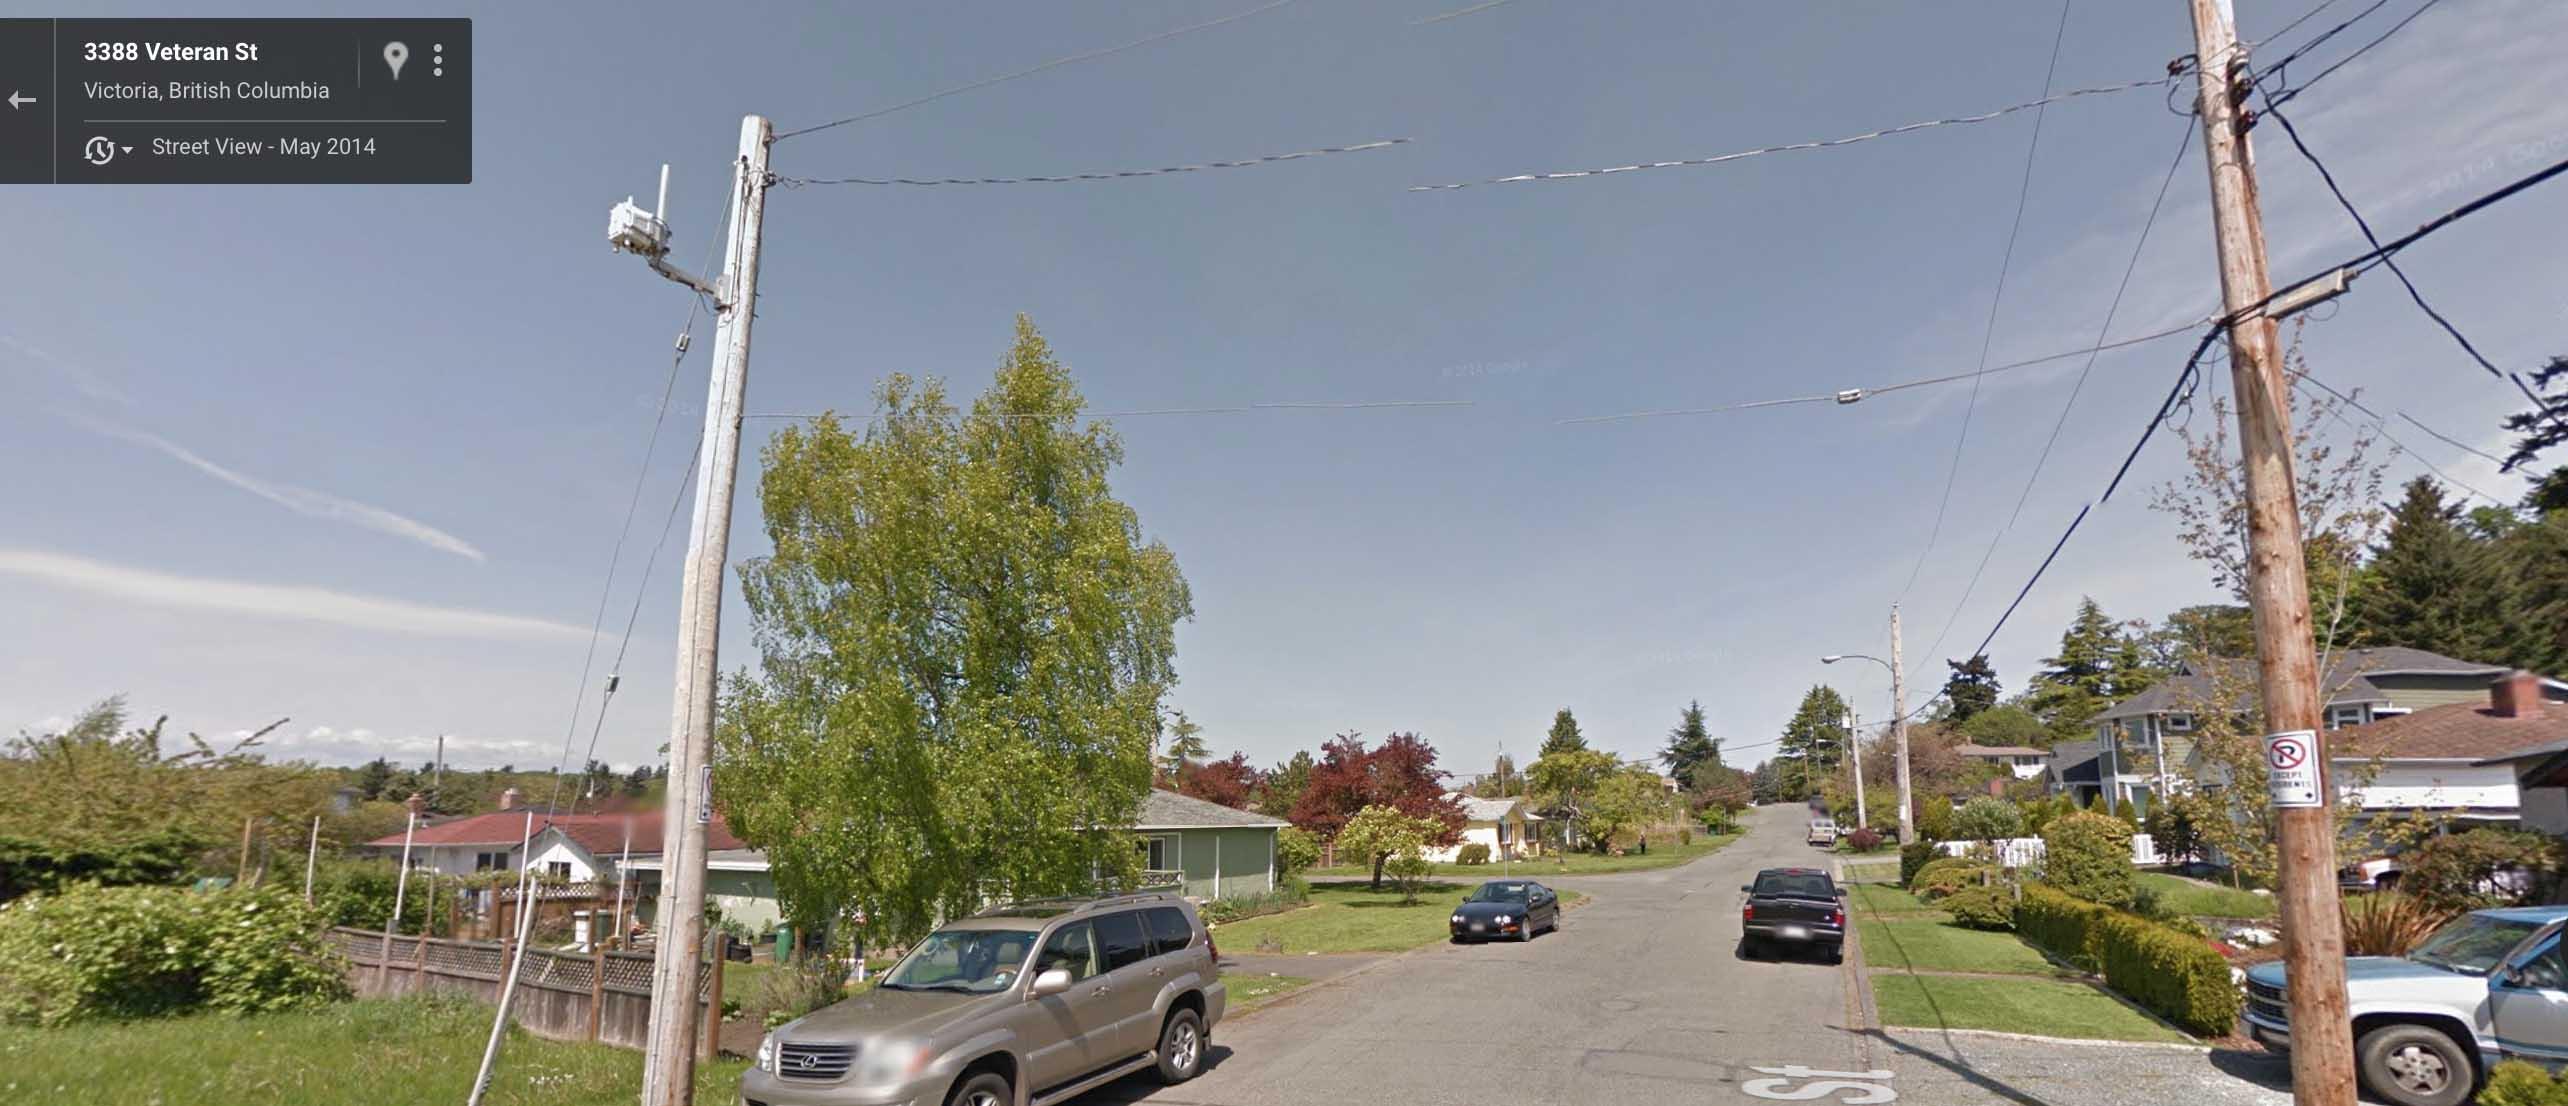 Veteran Street - Victoria - BC Hydro Cisco Routers